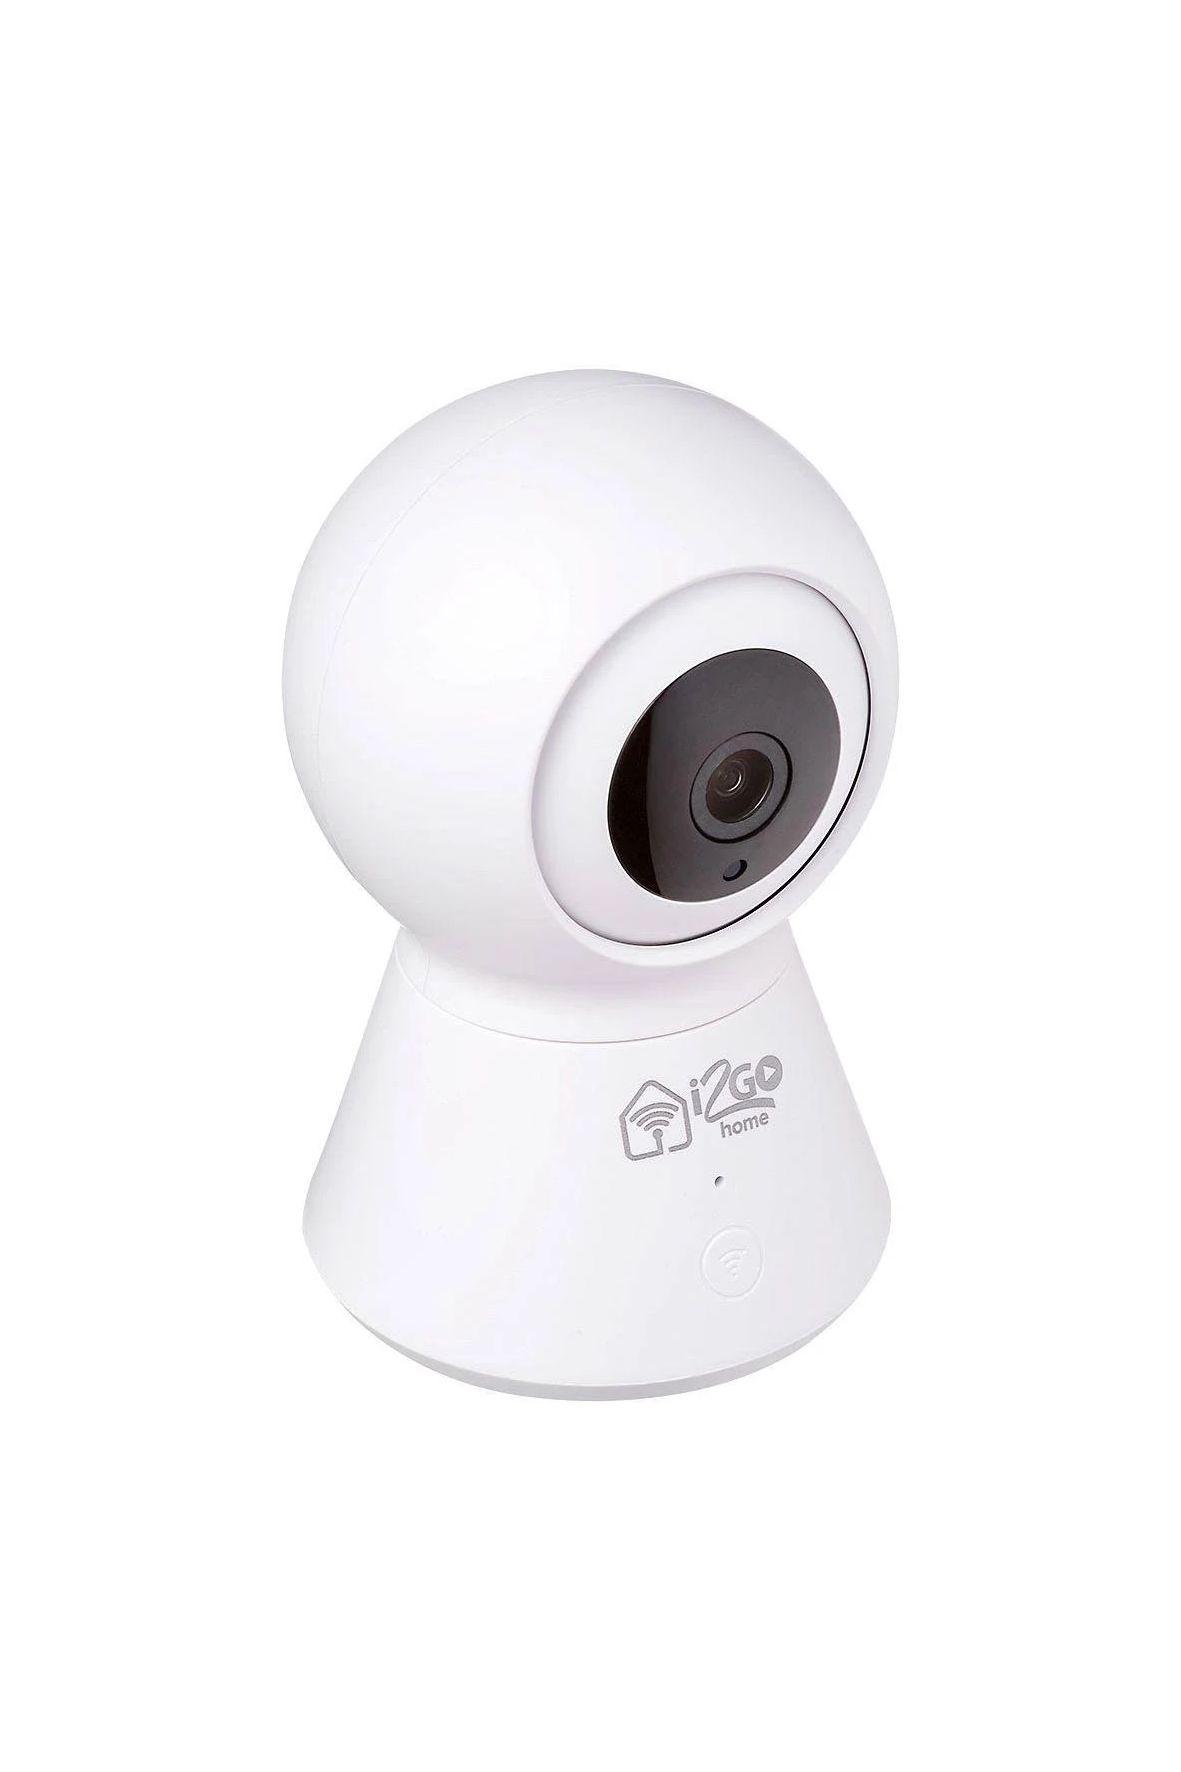 CAMERA INTELIGENTE 360 GRAUS I2GOTH719 I2GO HOME